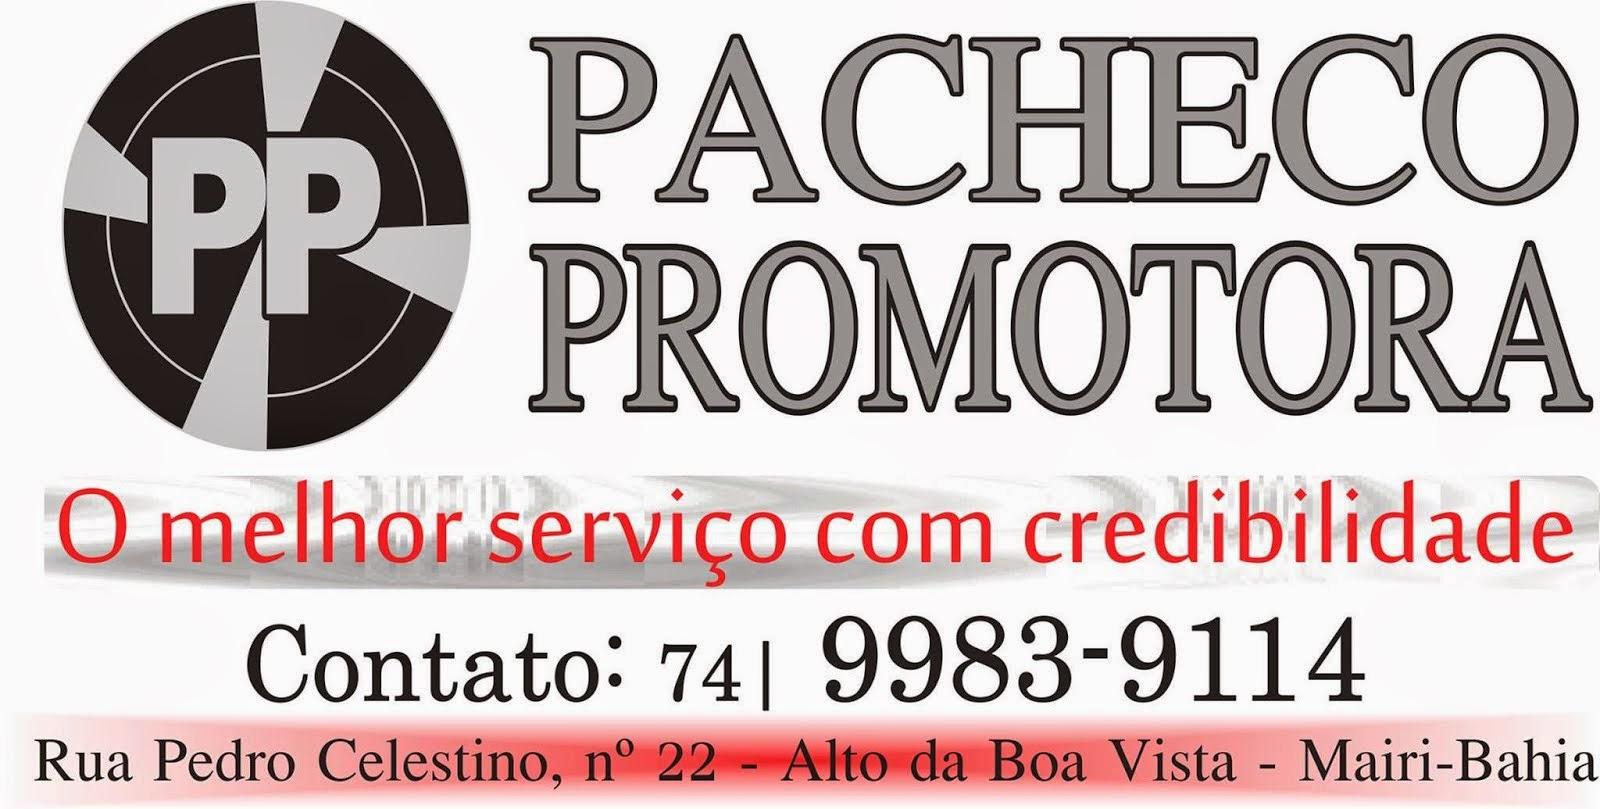 Pacheco Promotora